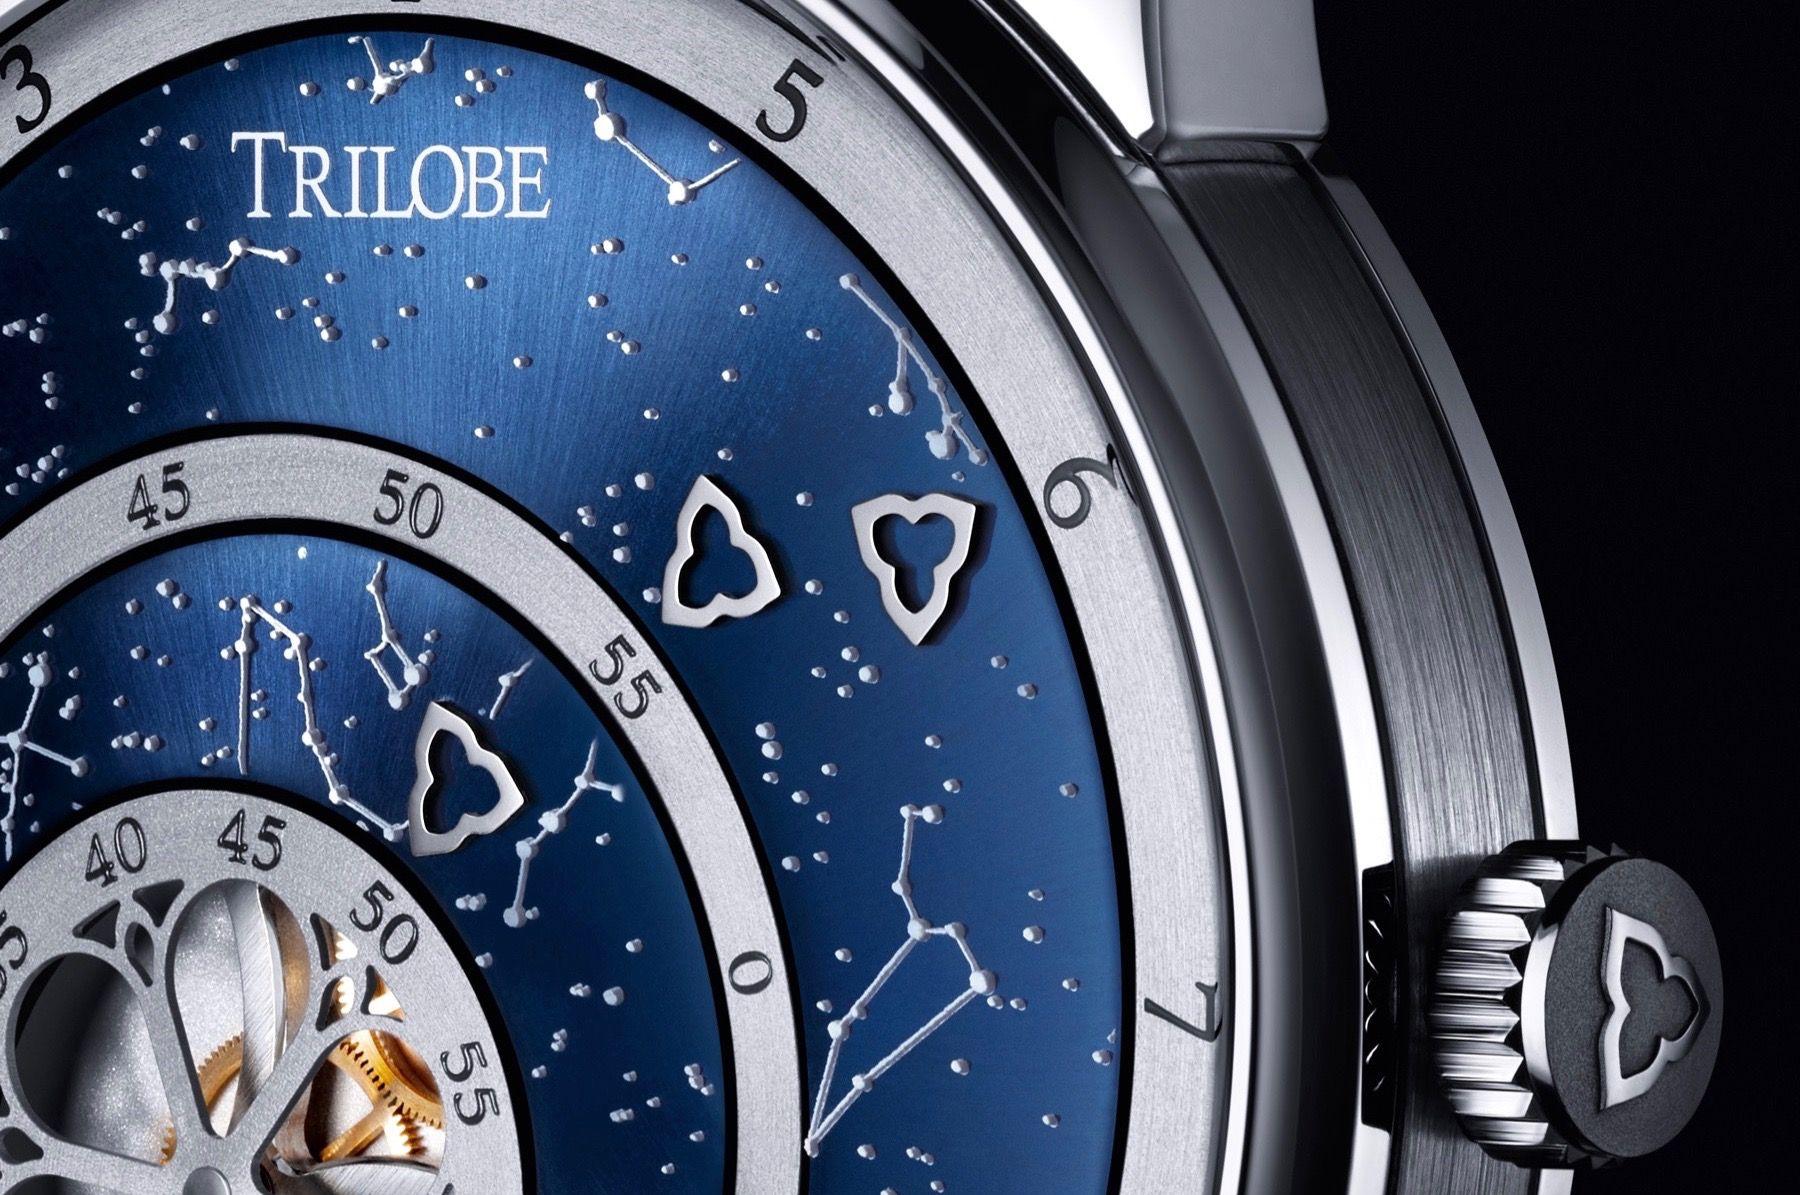 Trilobe et le secret d'une nuit